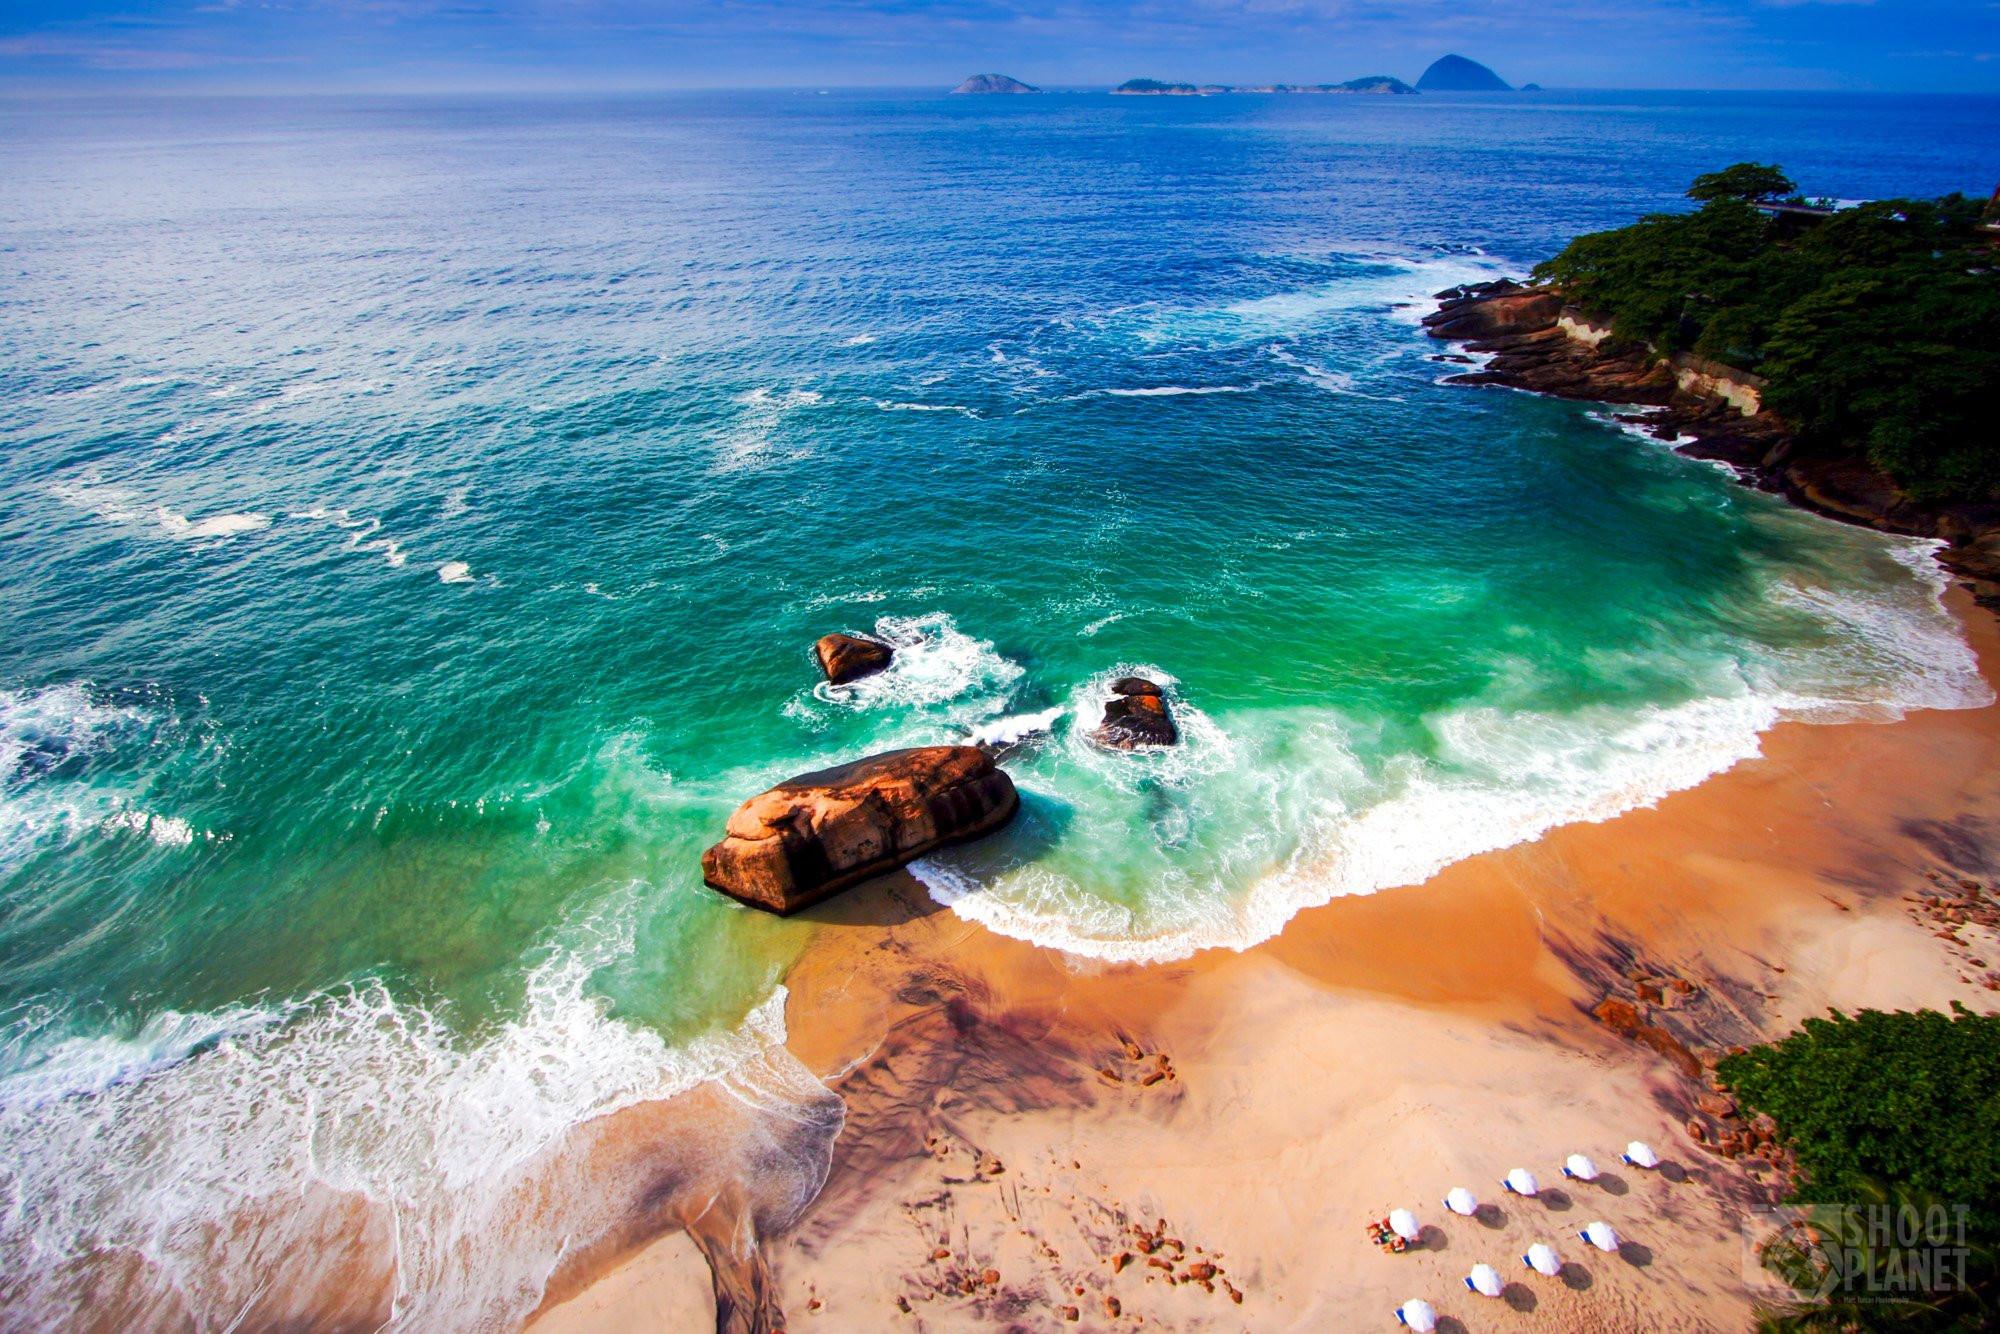 Rio de Janeiro aerial beach view, Brazil